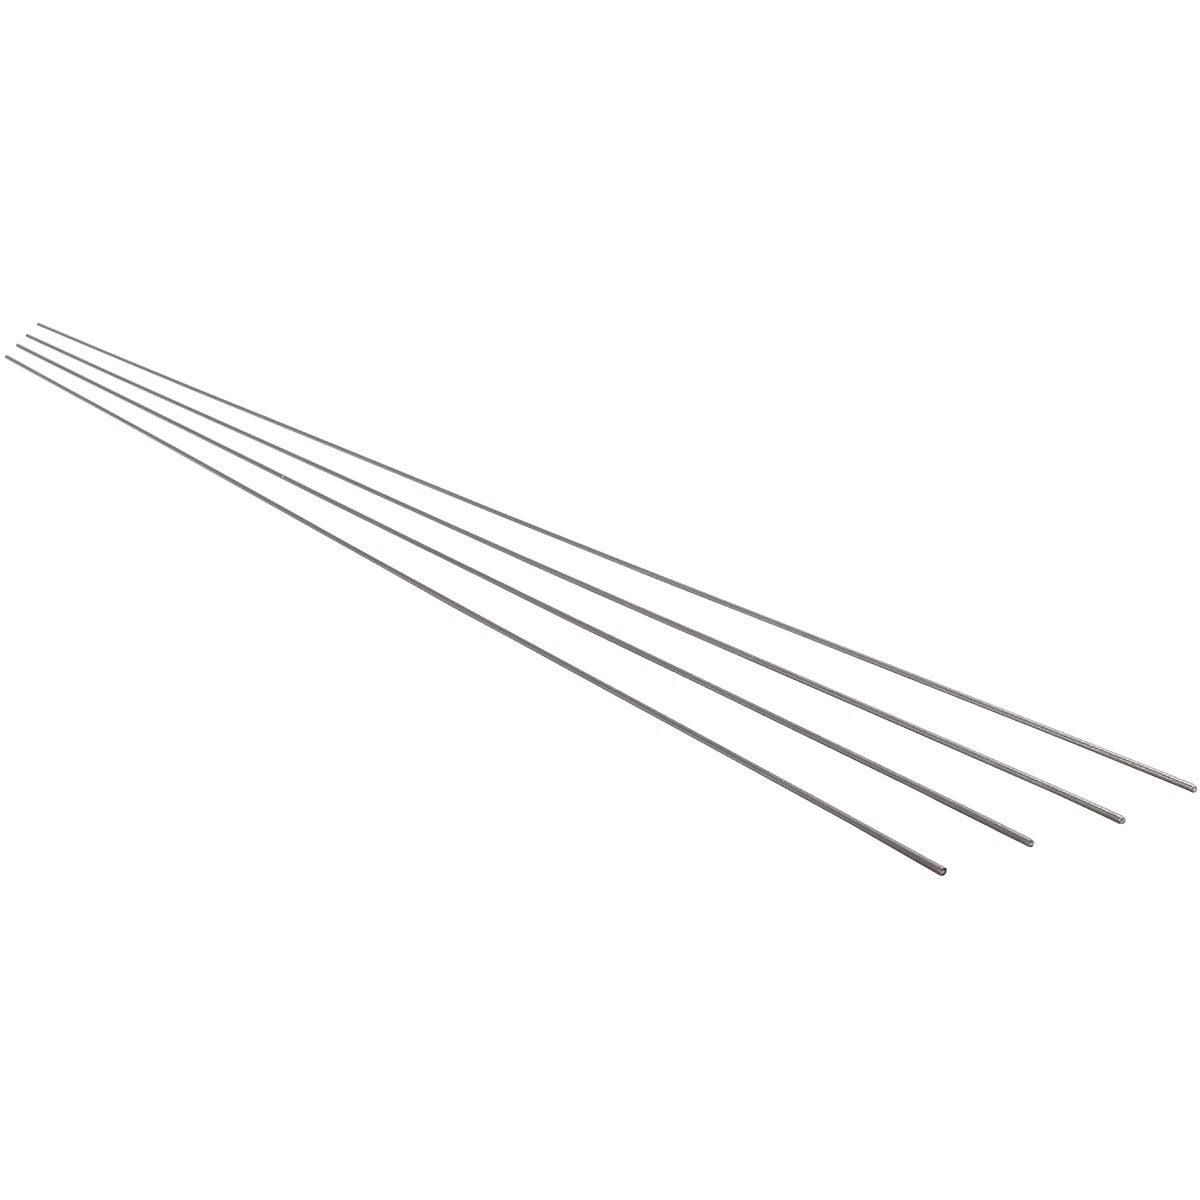 K&S .039 In. x 36 In. Steel Music Wire